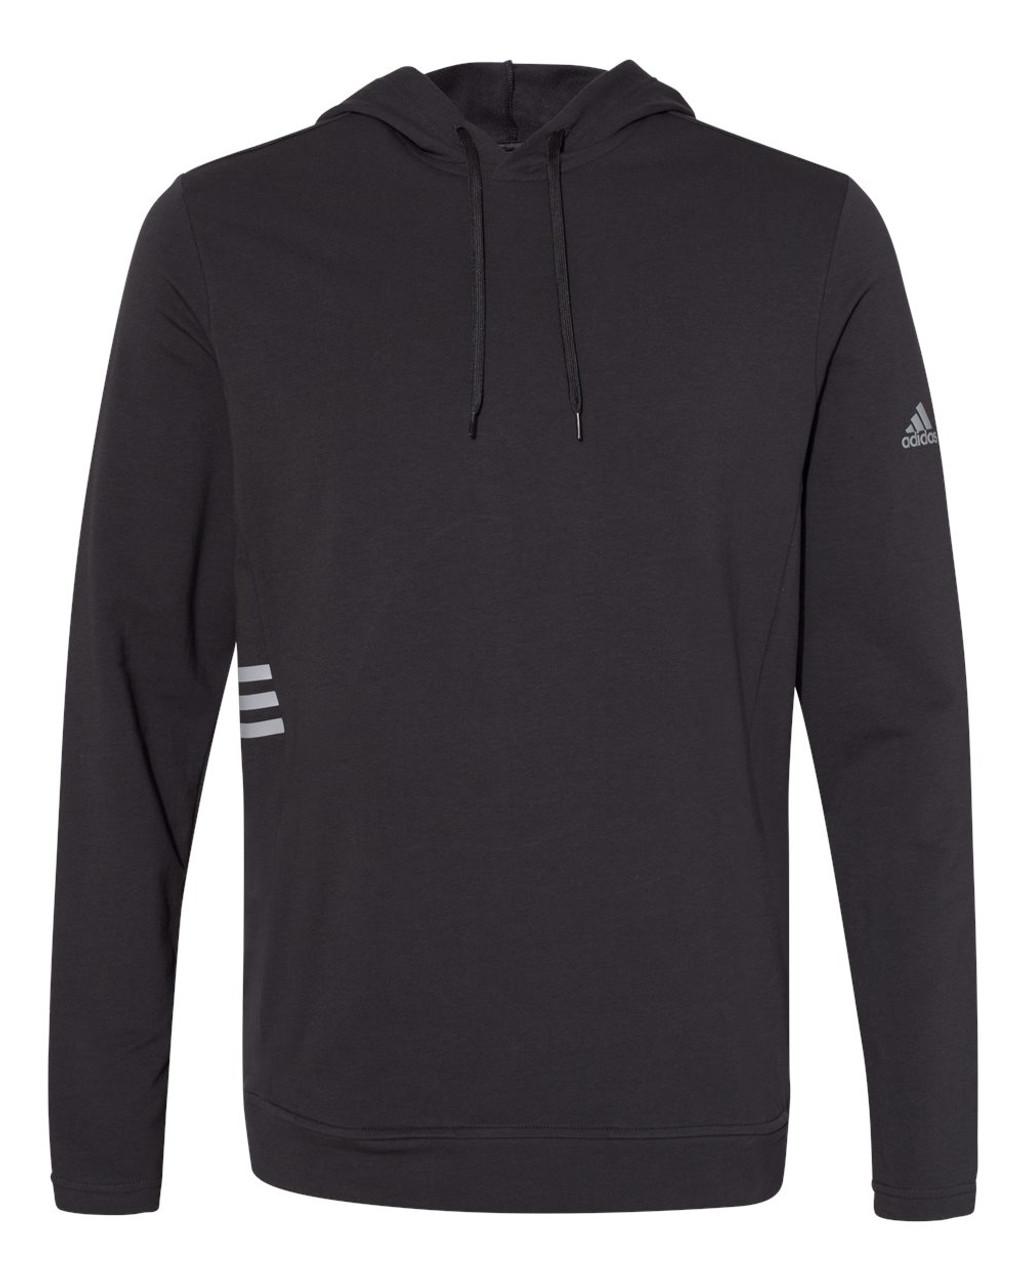 A450 Adidas Lightweight Hooded Sweatshirt | T-shirt.ca